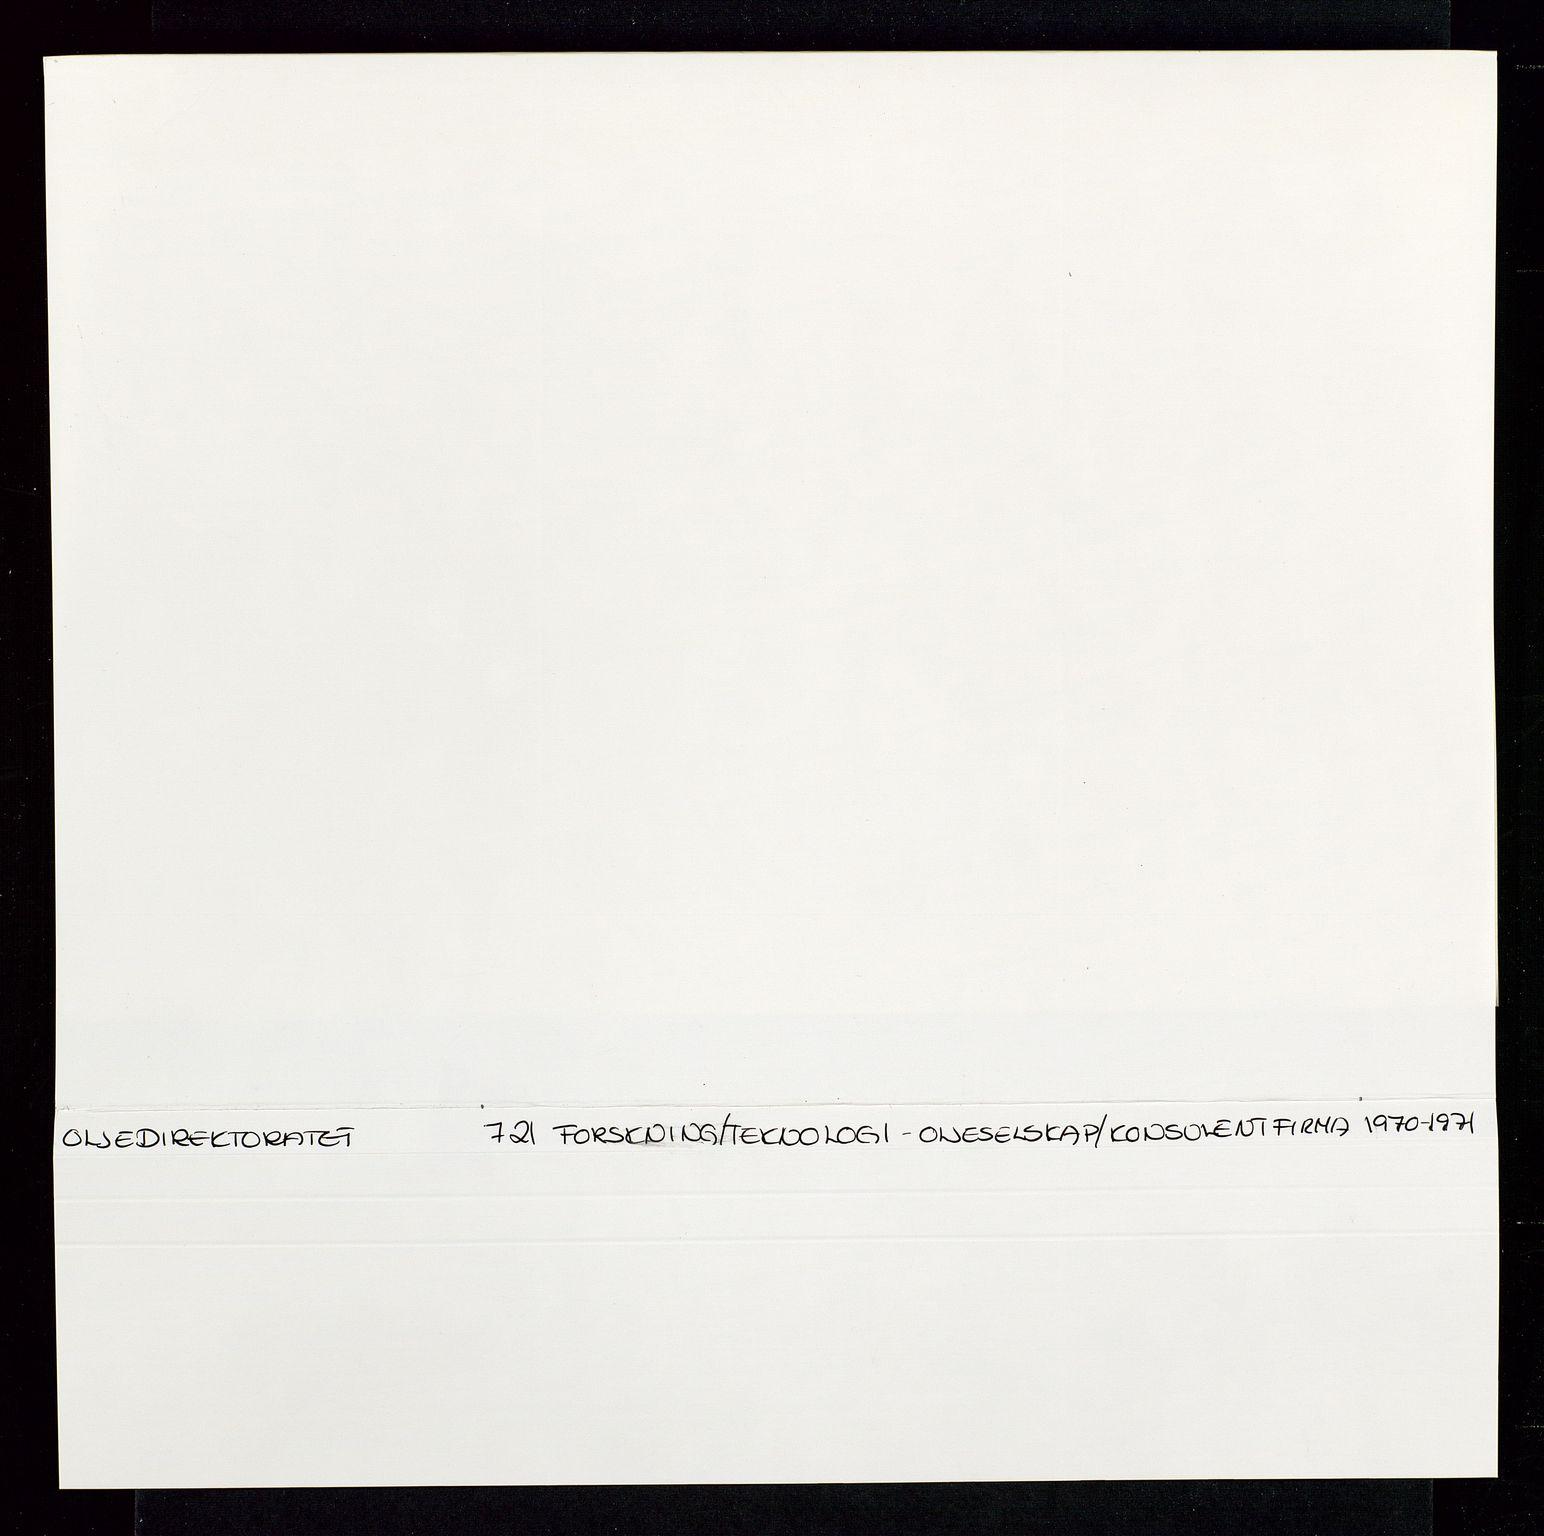 SAST, Industridepartementet, Oljekontoret, Da/L0008:  Arkivnøkkel 721- 722 Geofysikk, forskning, 1970-1972, s. 104